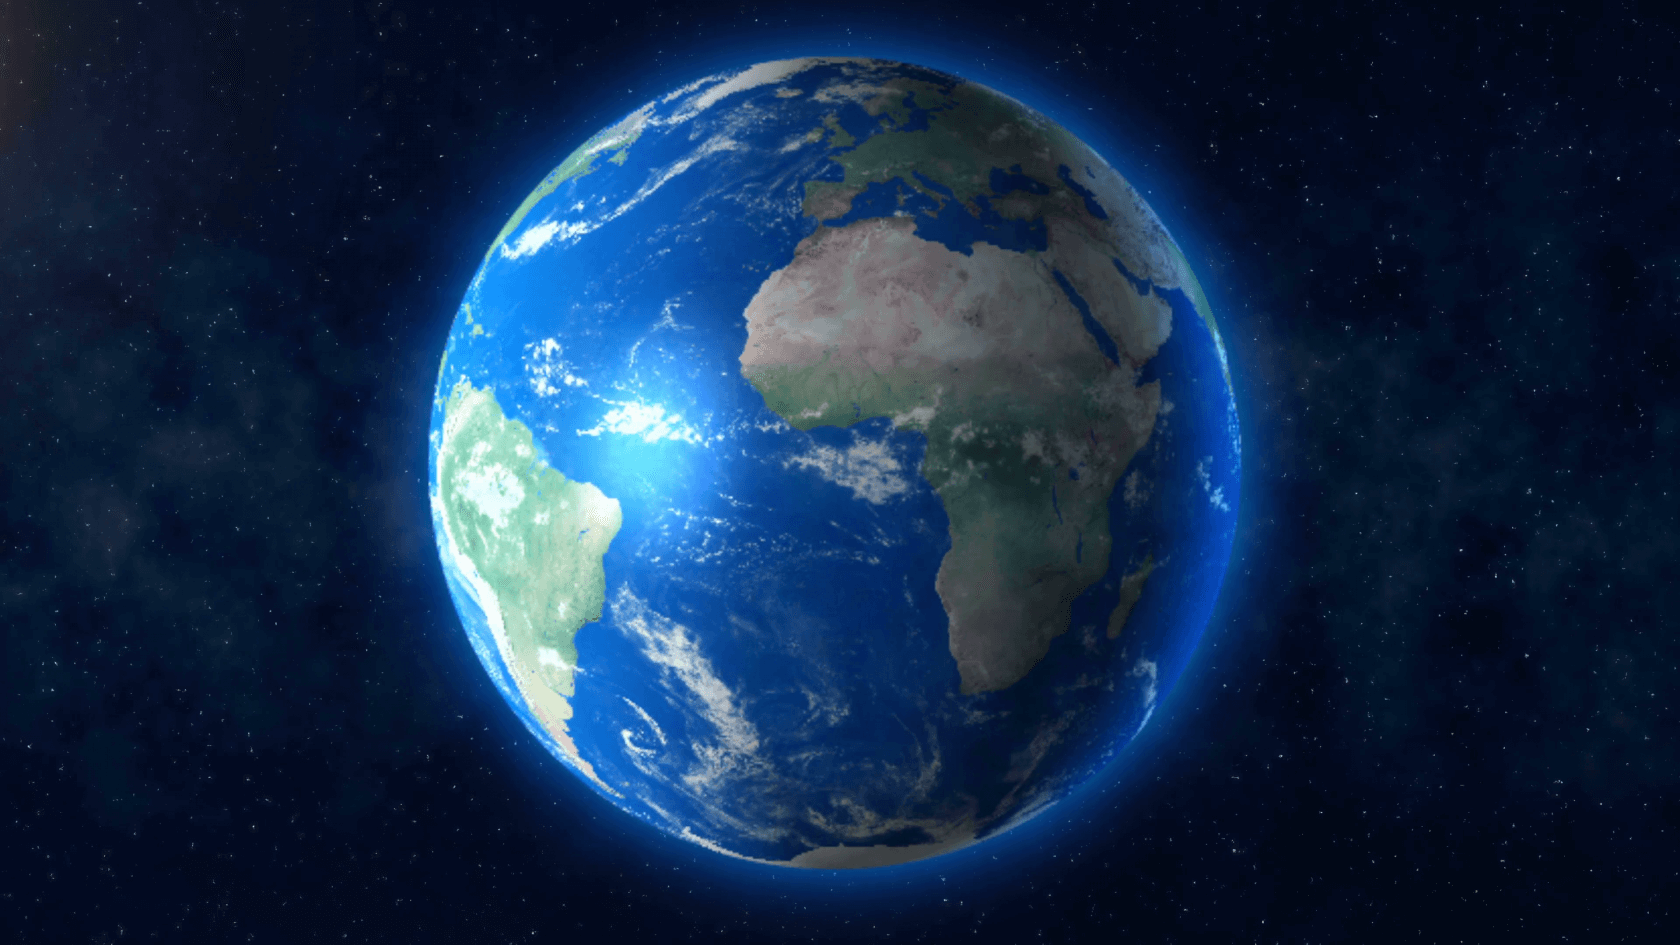 будем картинка планета земля на фоне космоса глубина